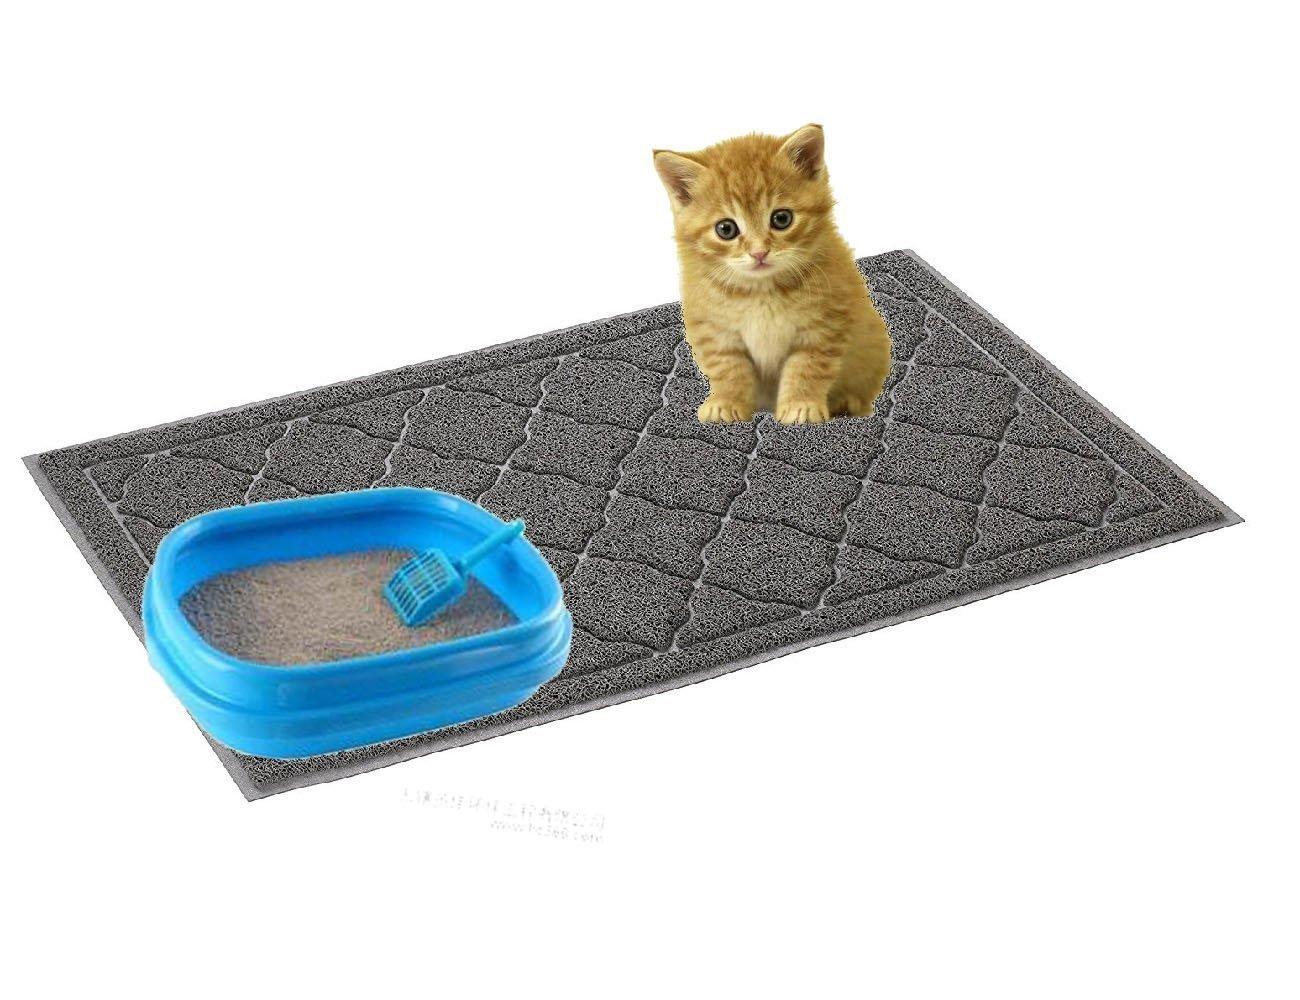 Winko - Alfombrilla de arena para gatos, suave, antideslizante y resistente al agua, 89 x 60 cm: Amazon.es: Productos para mascotas